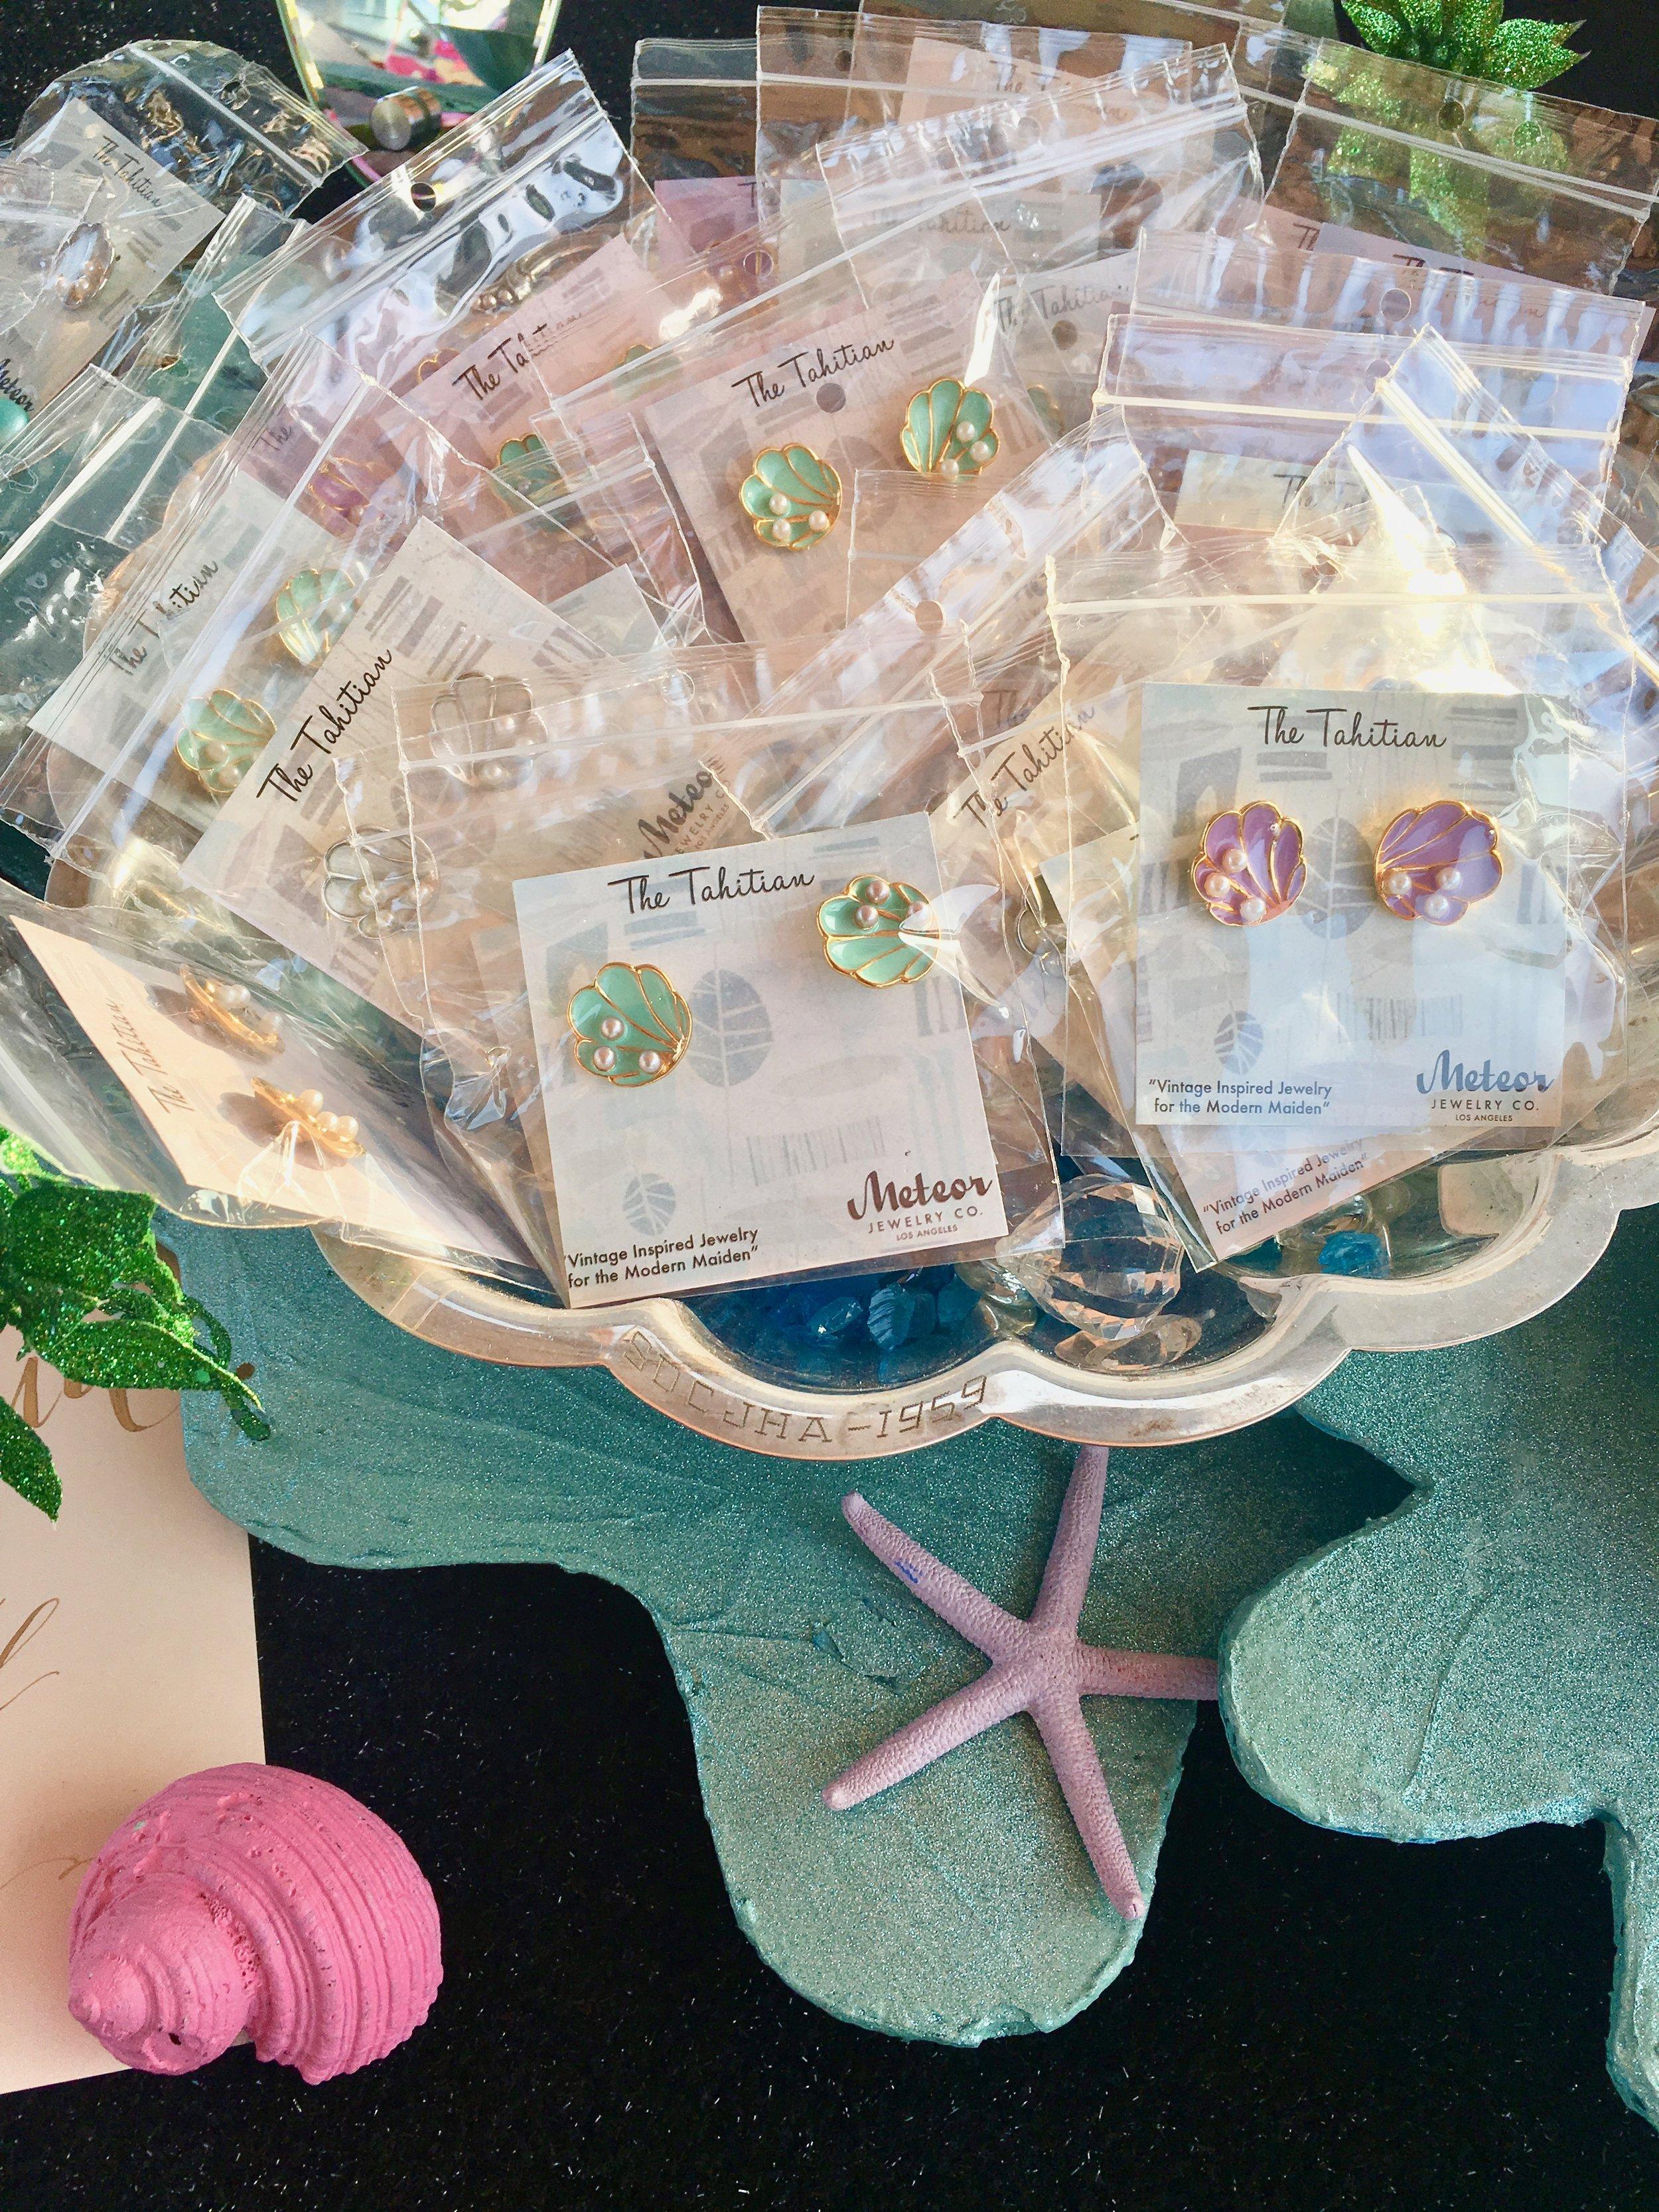 earrings-meteor-jewelry-co.jpg